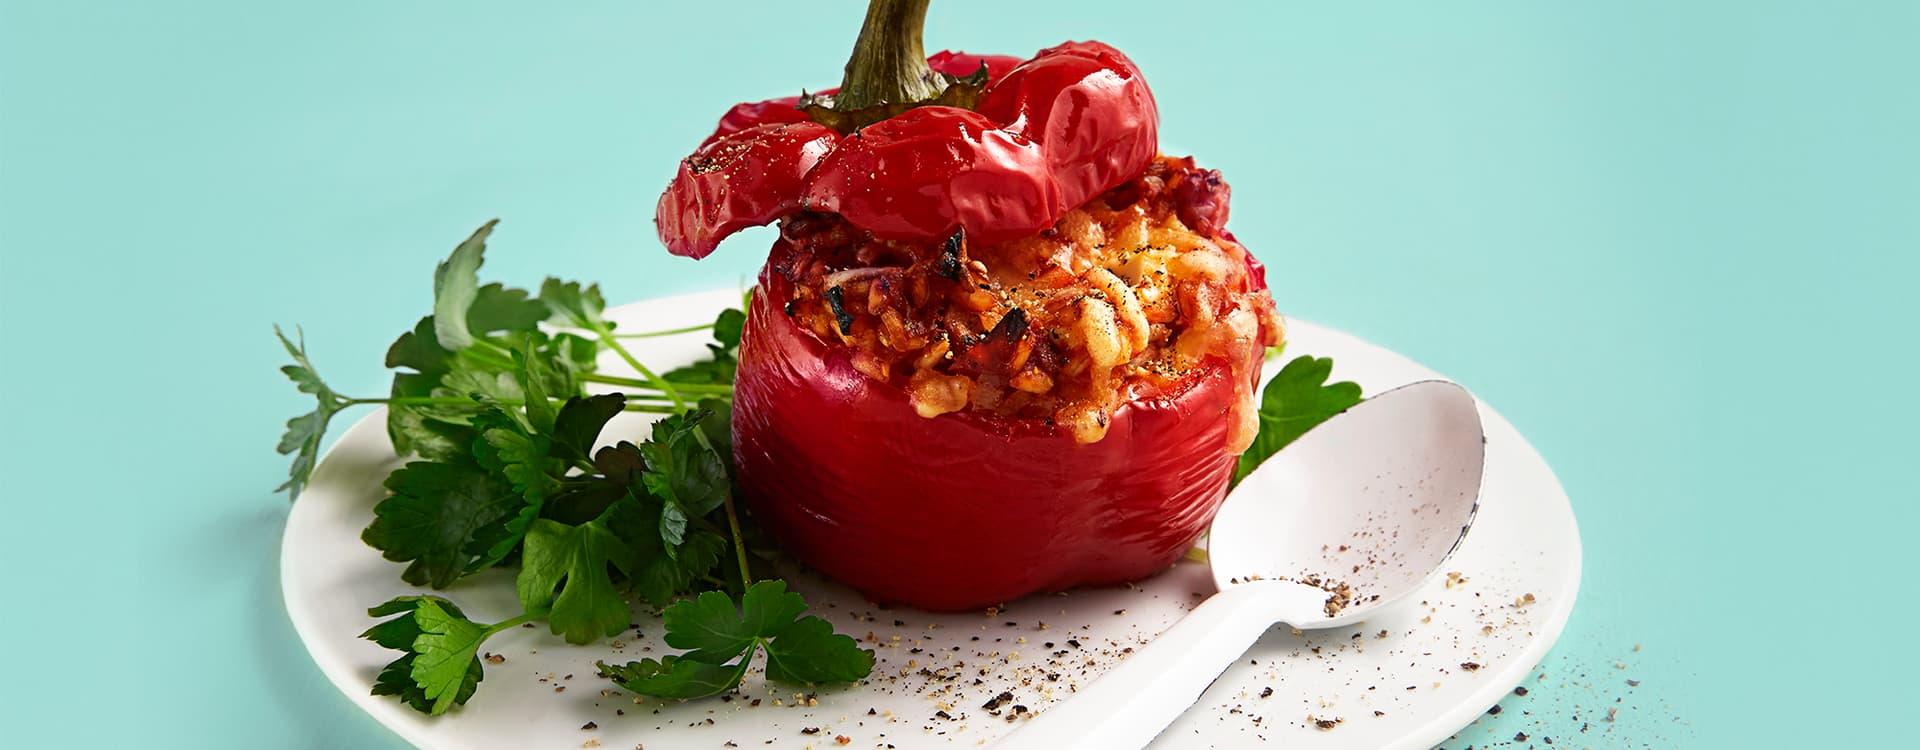 Fylt paprika med fullkornsris, chili og ost